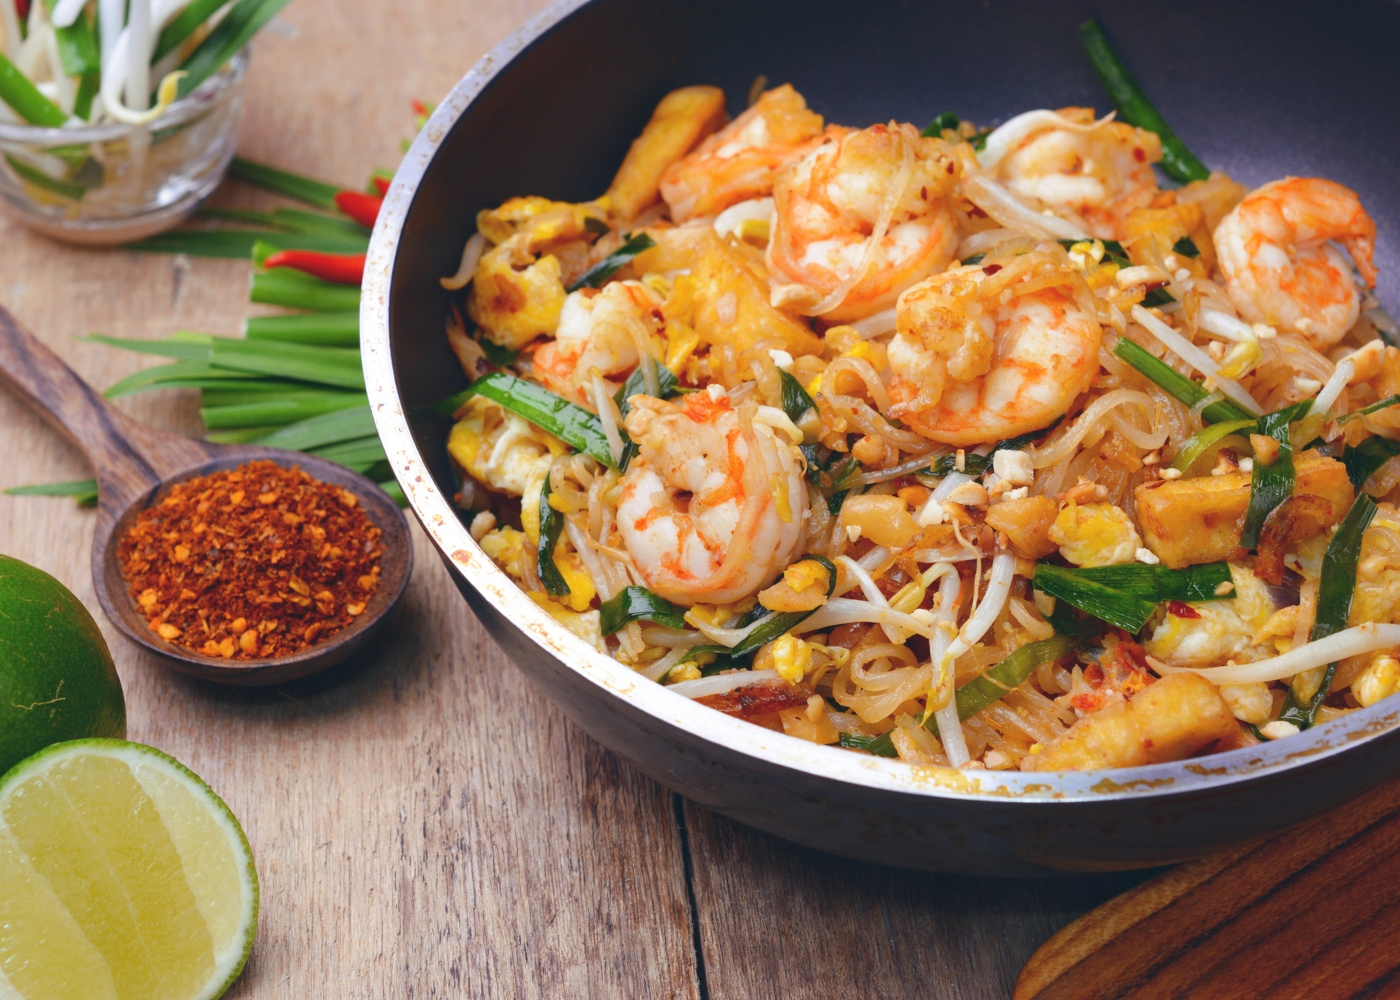 Pad thai servido num prato